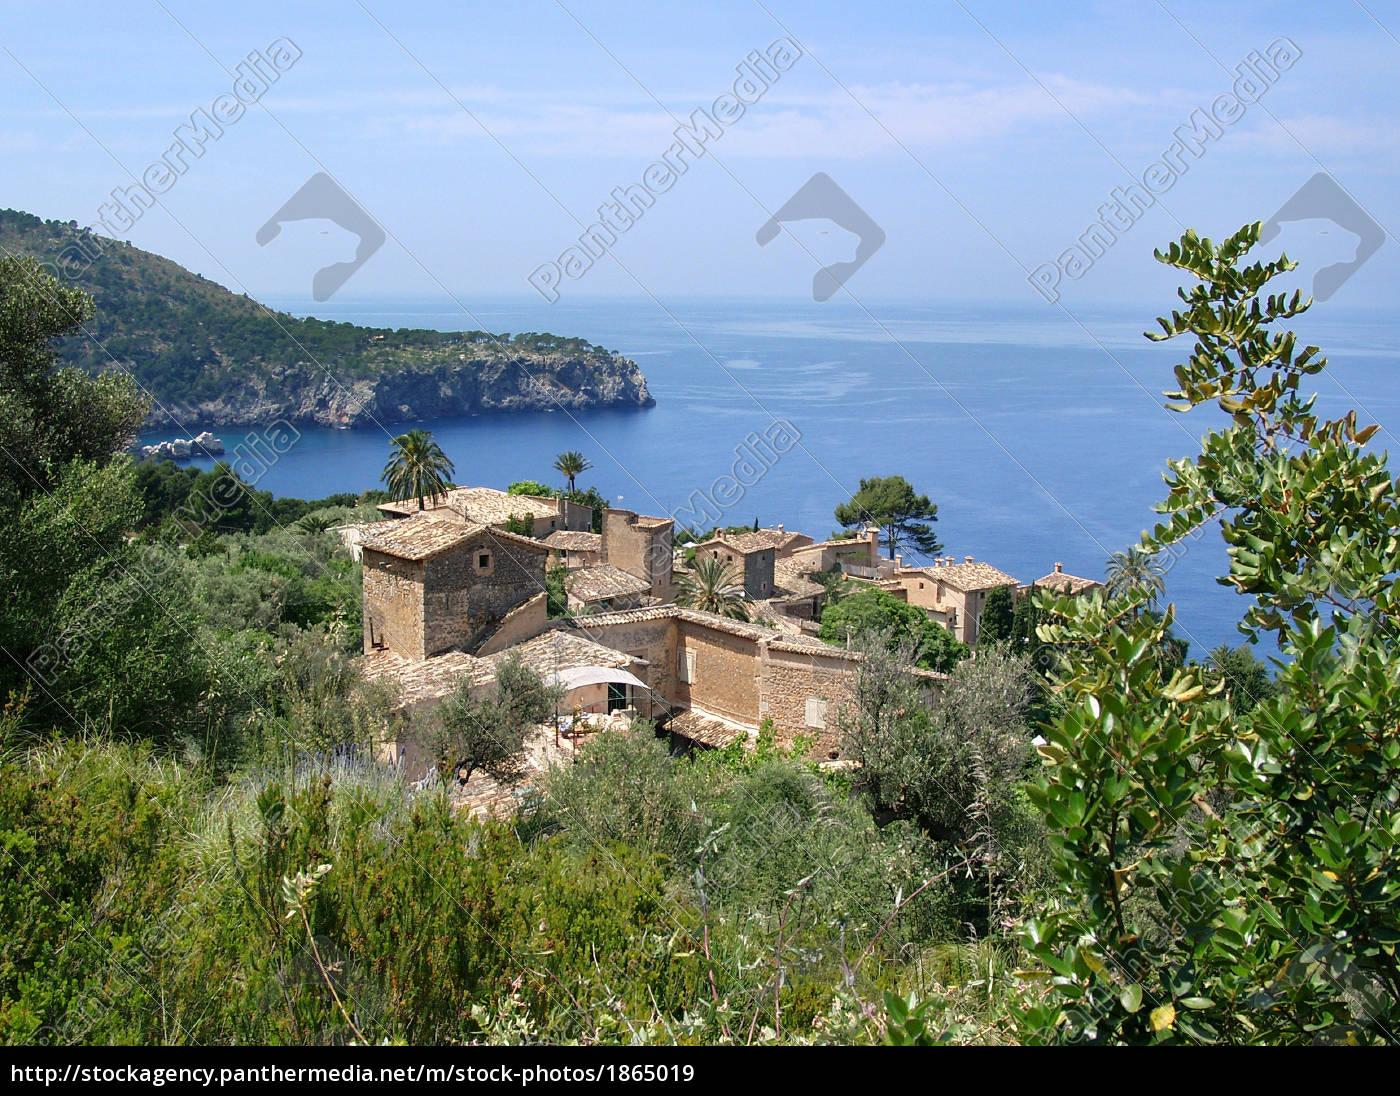 villaggio, sulla, costa, occidentale, di, maiorca - 1865019